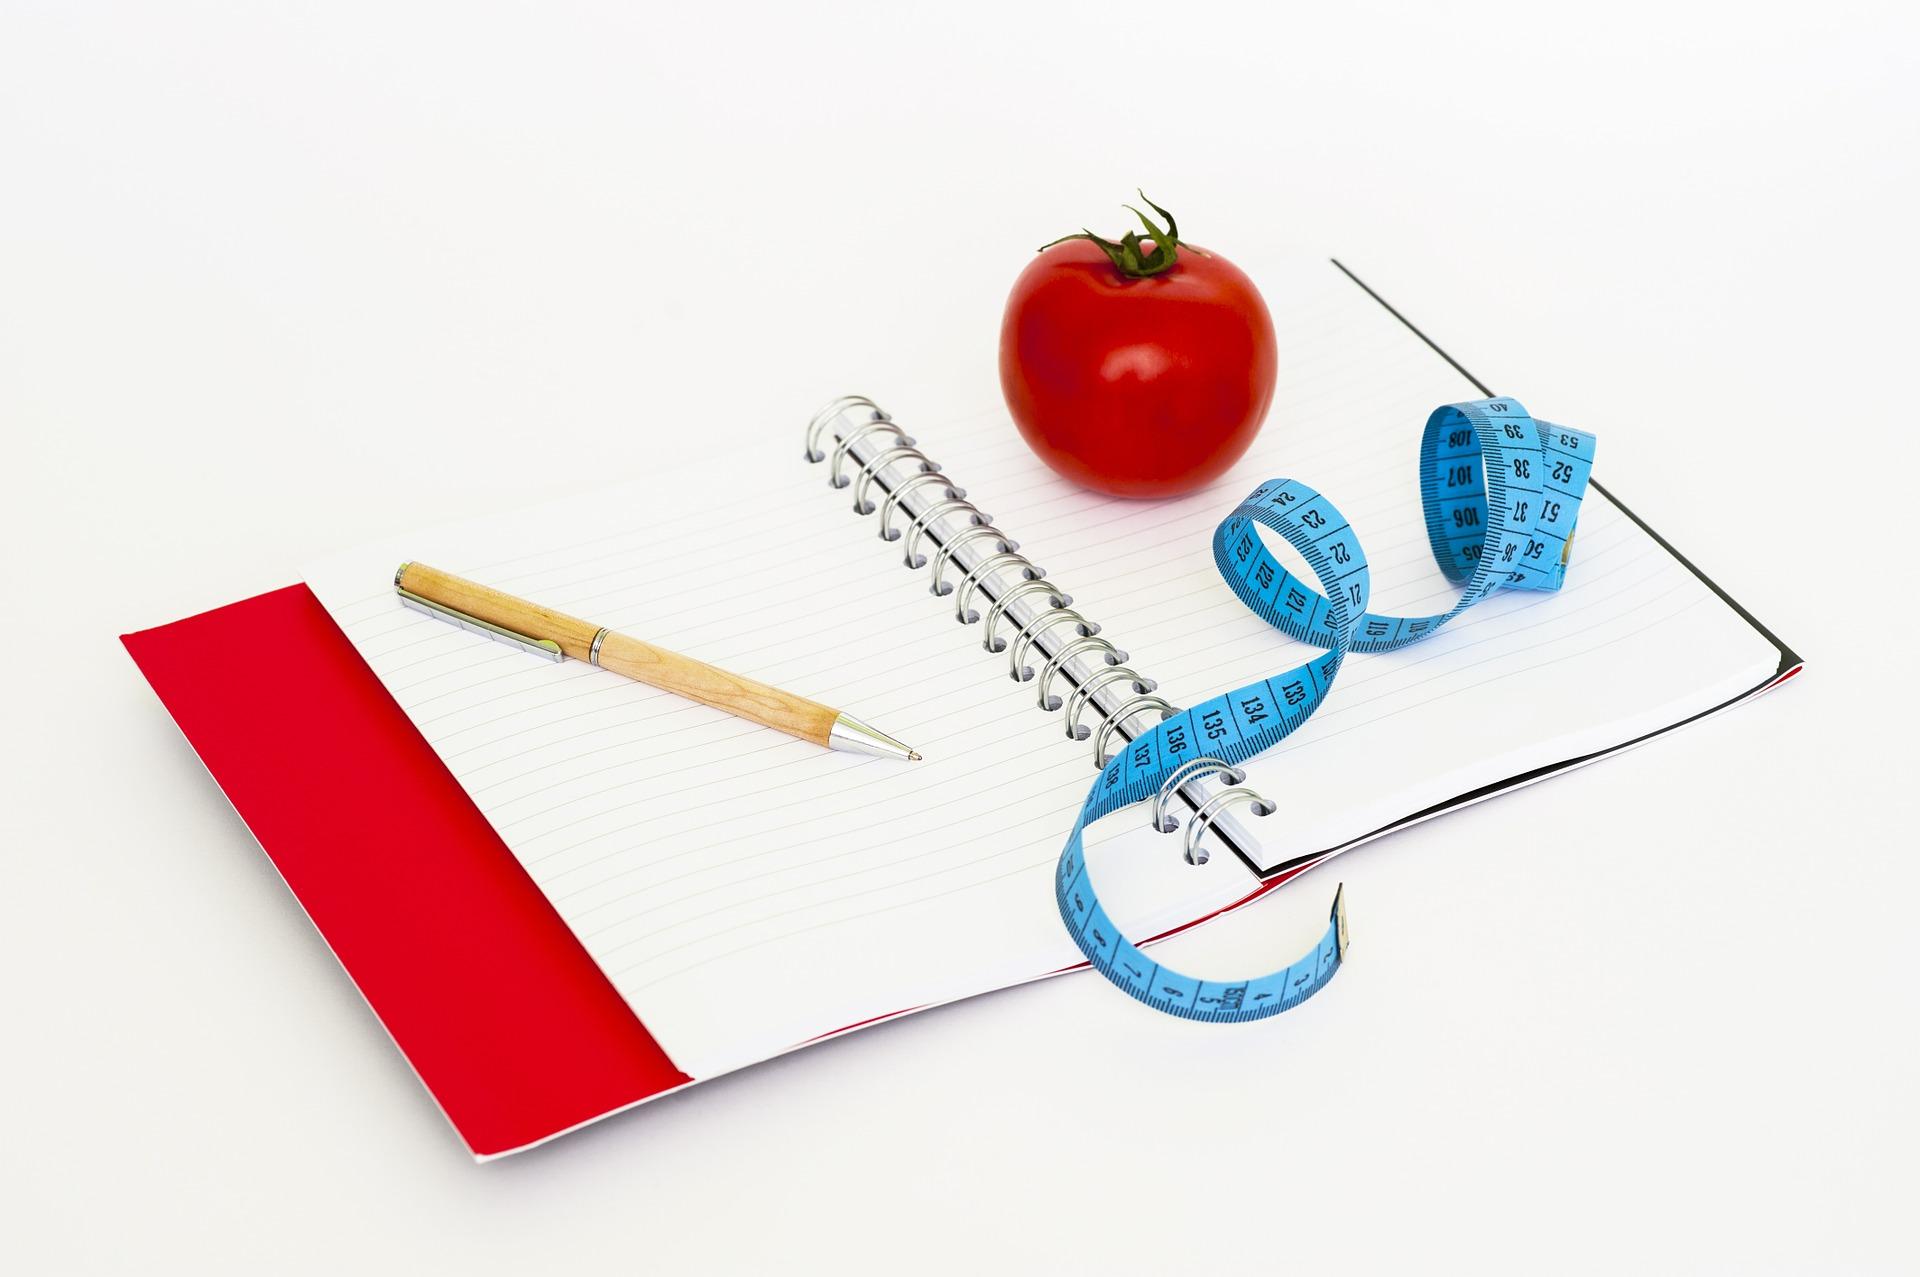 La dieta disociada se basa en no mezclar determinados alimentos.